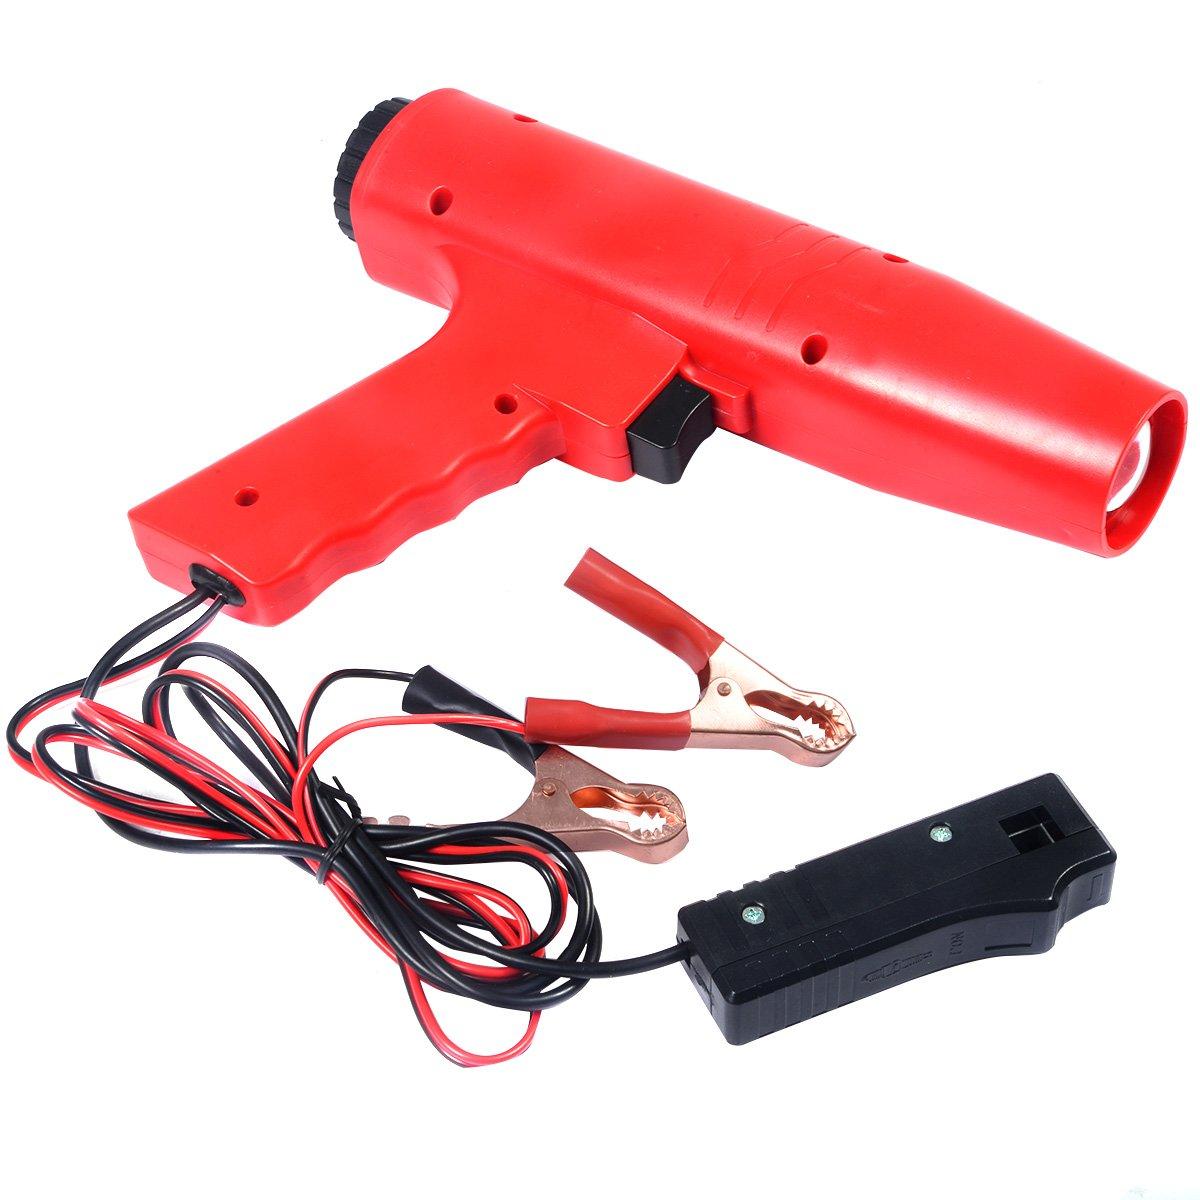 COSTWAY Z/ündlichtpistole Blitzpistole Z/ündeinstelllampe Stroboskoplampe Z/ündung 12V Z/ündzeitpunkt 8000r//min